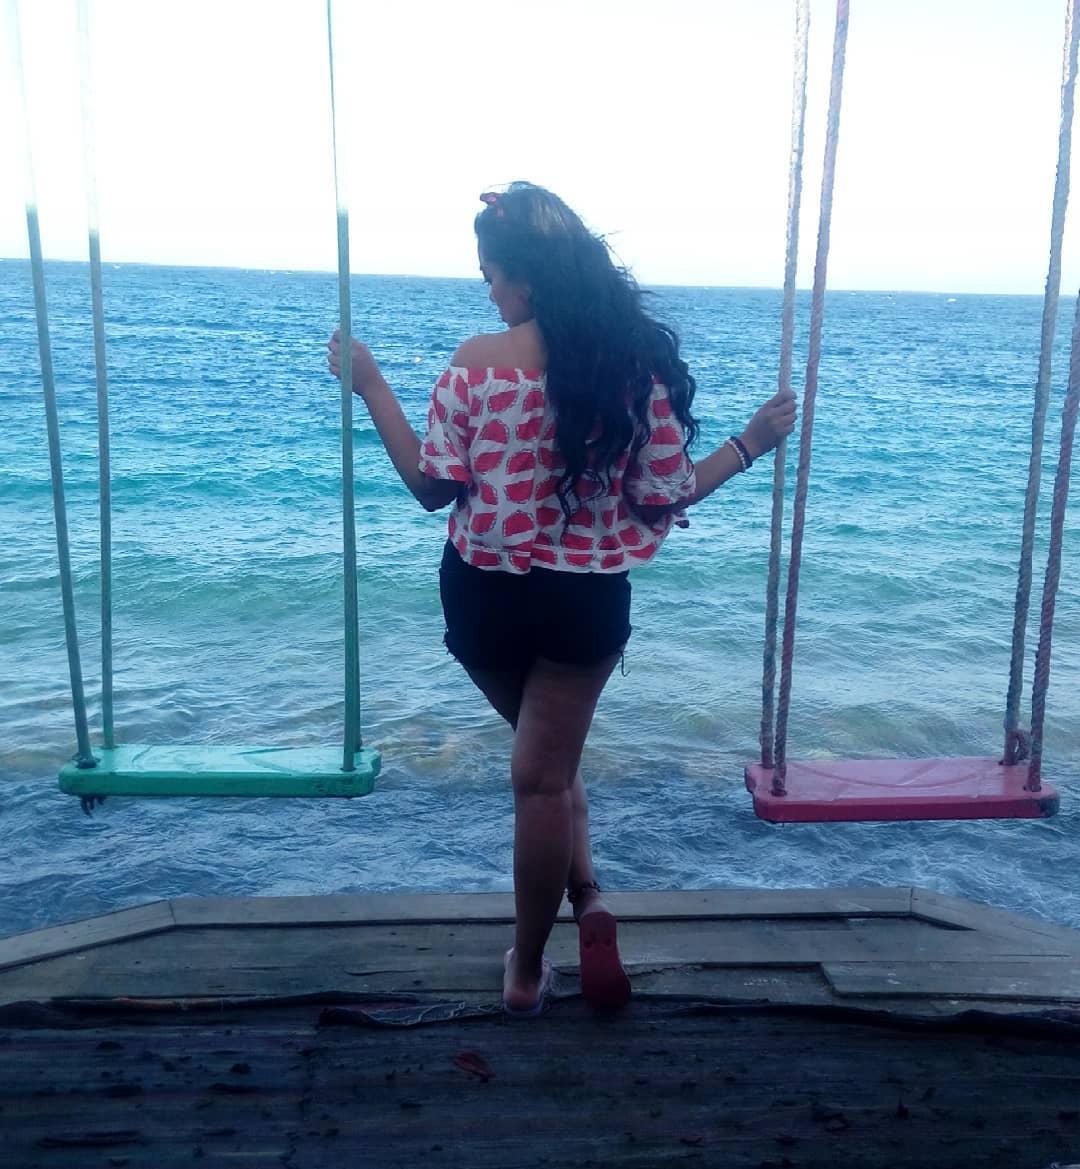 صور ملكة جمال العرب علياء كامل بإطلالة بحرية مثيرة